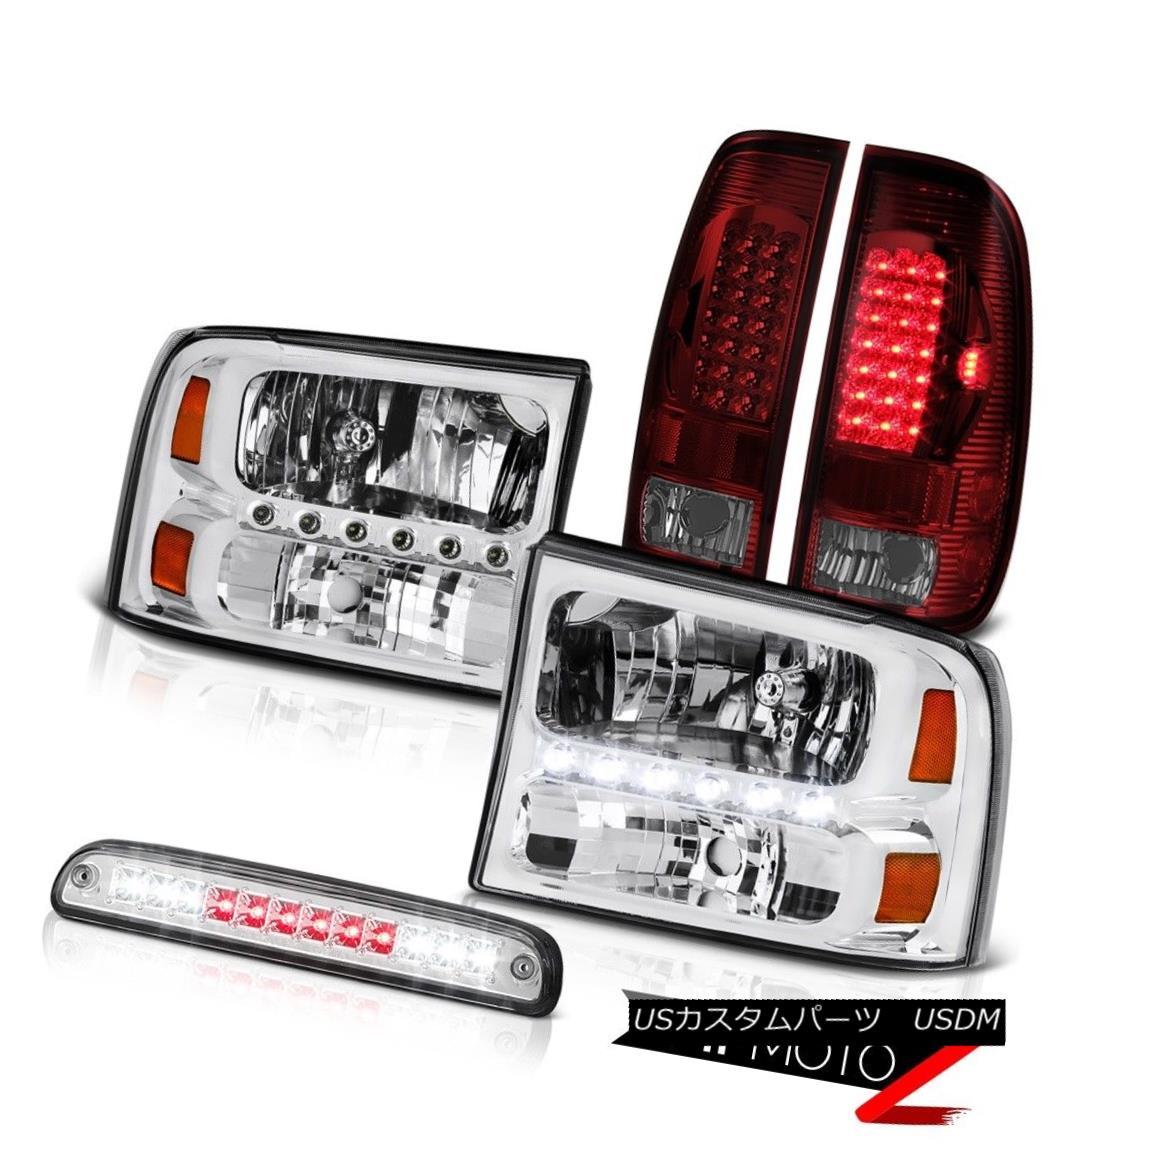 ヘッドライト Headlights Roof Third Brake Cargo LED Burgundy 99 00 01 02 03 04 F250 Lariat ヘッドライト屋根第3ブレーキカーゴLEDブルゴーニュ99 00 01 02 03 04 F250ラリアート